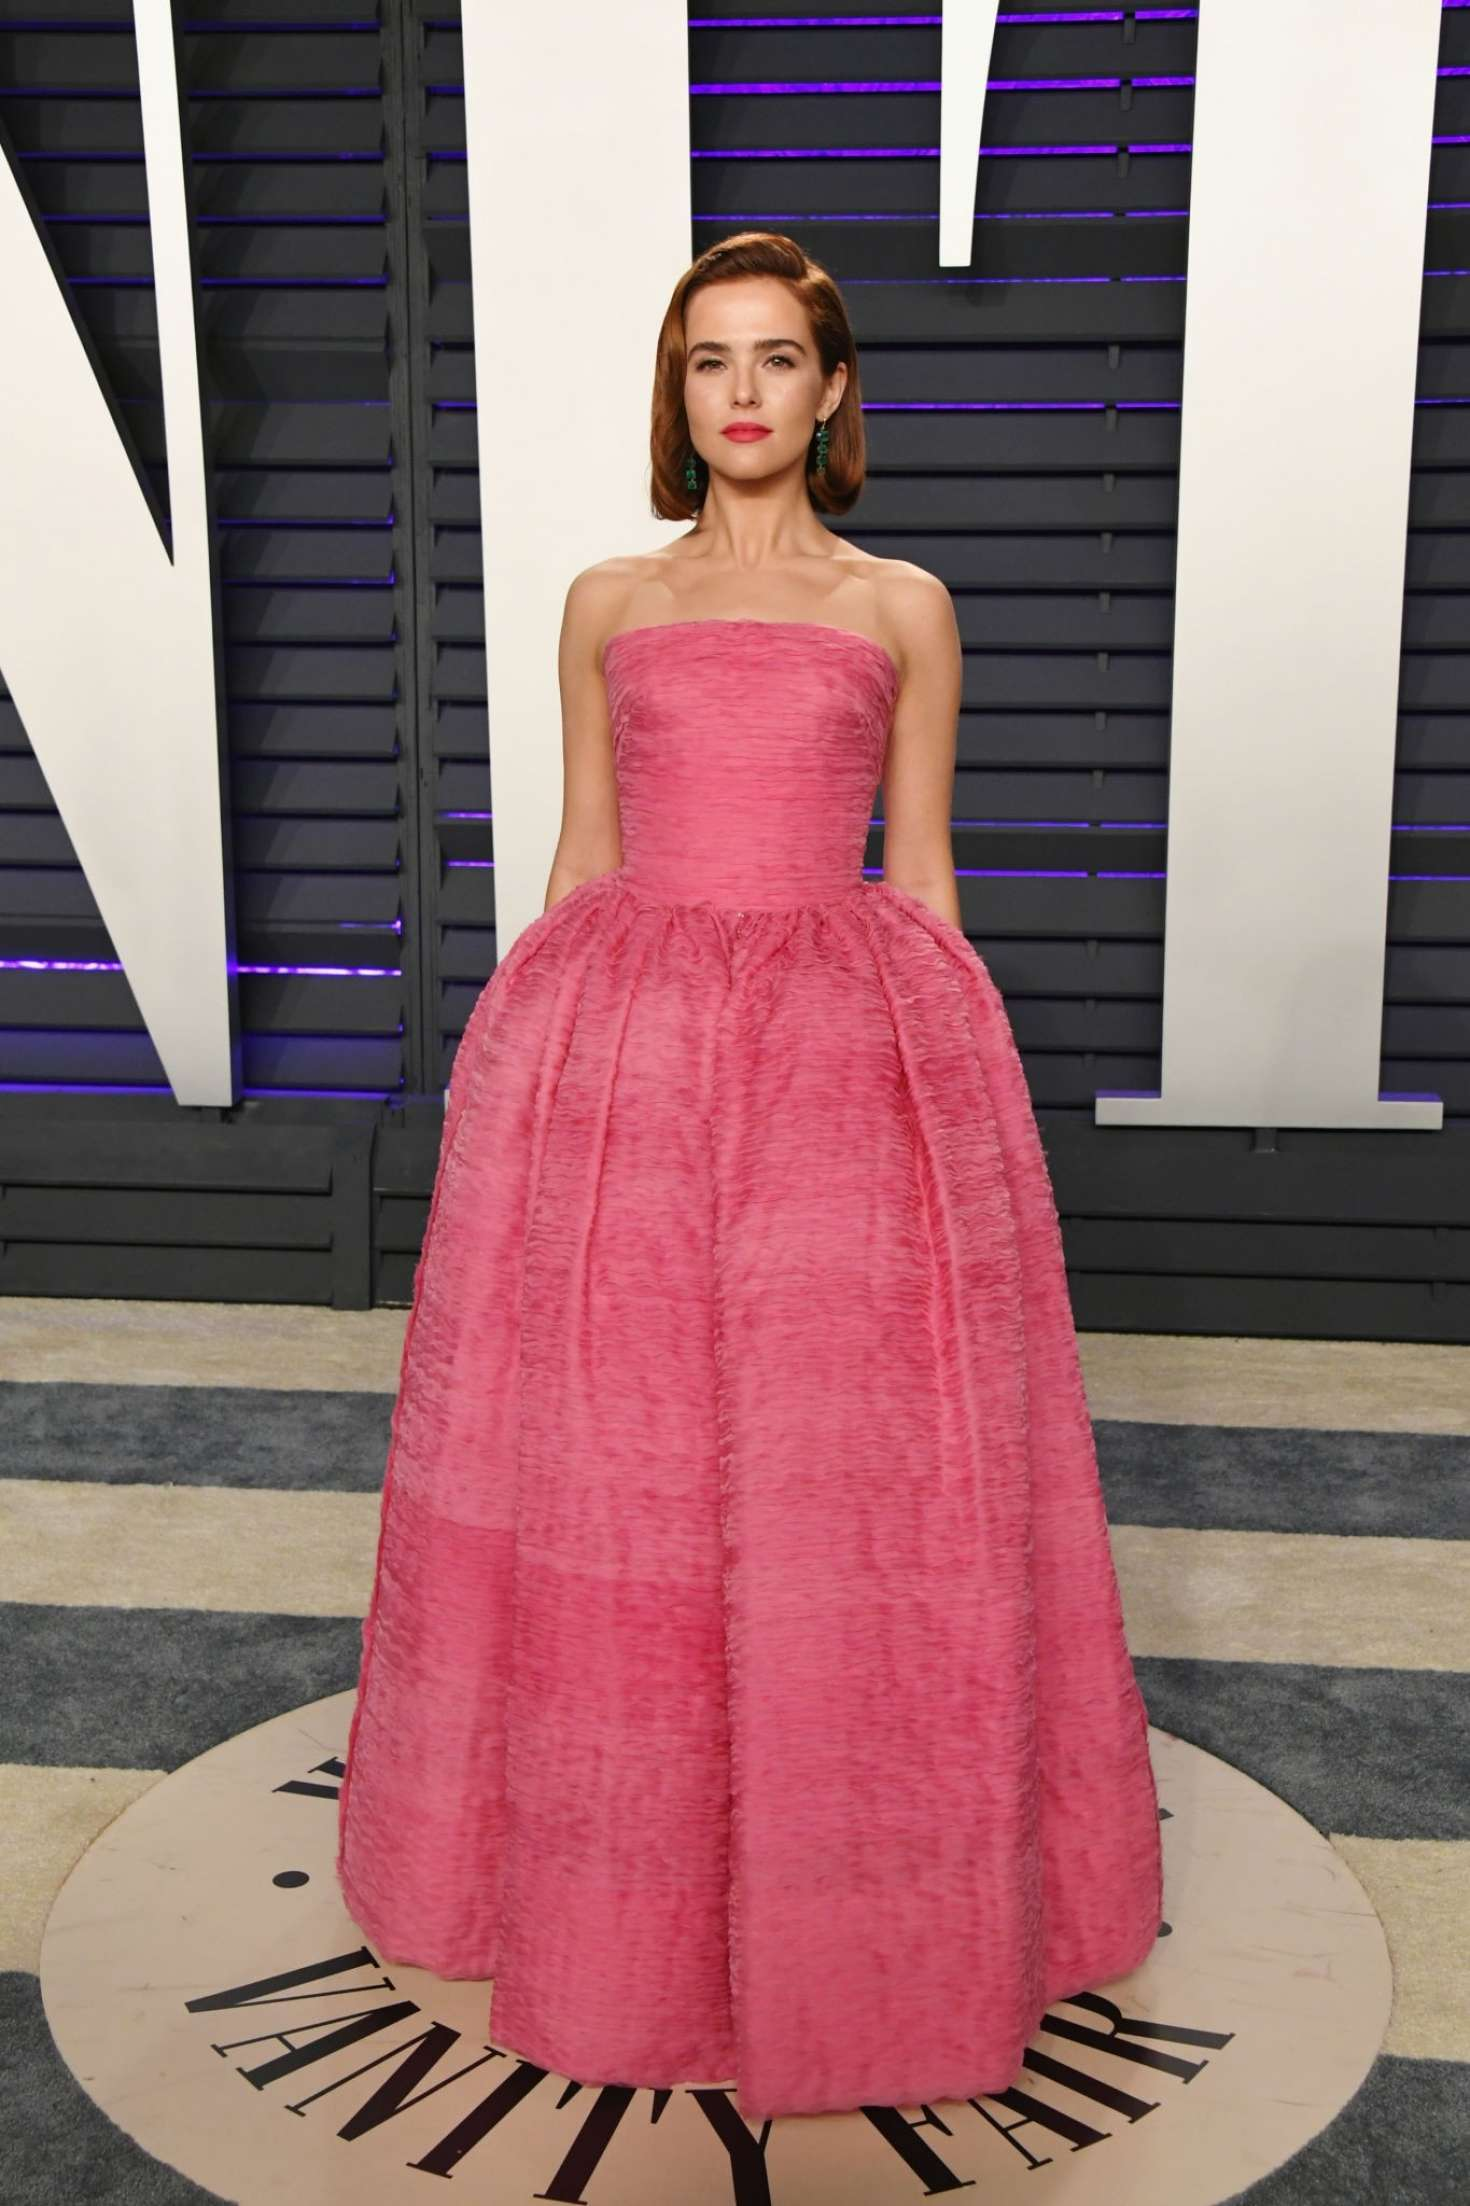 Zoey Deutch 2019 : Zoey Deutch: 2019 Vanity Fair Oscar Party -05